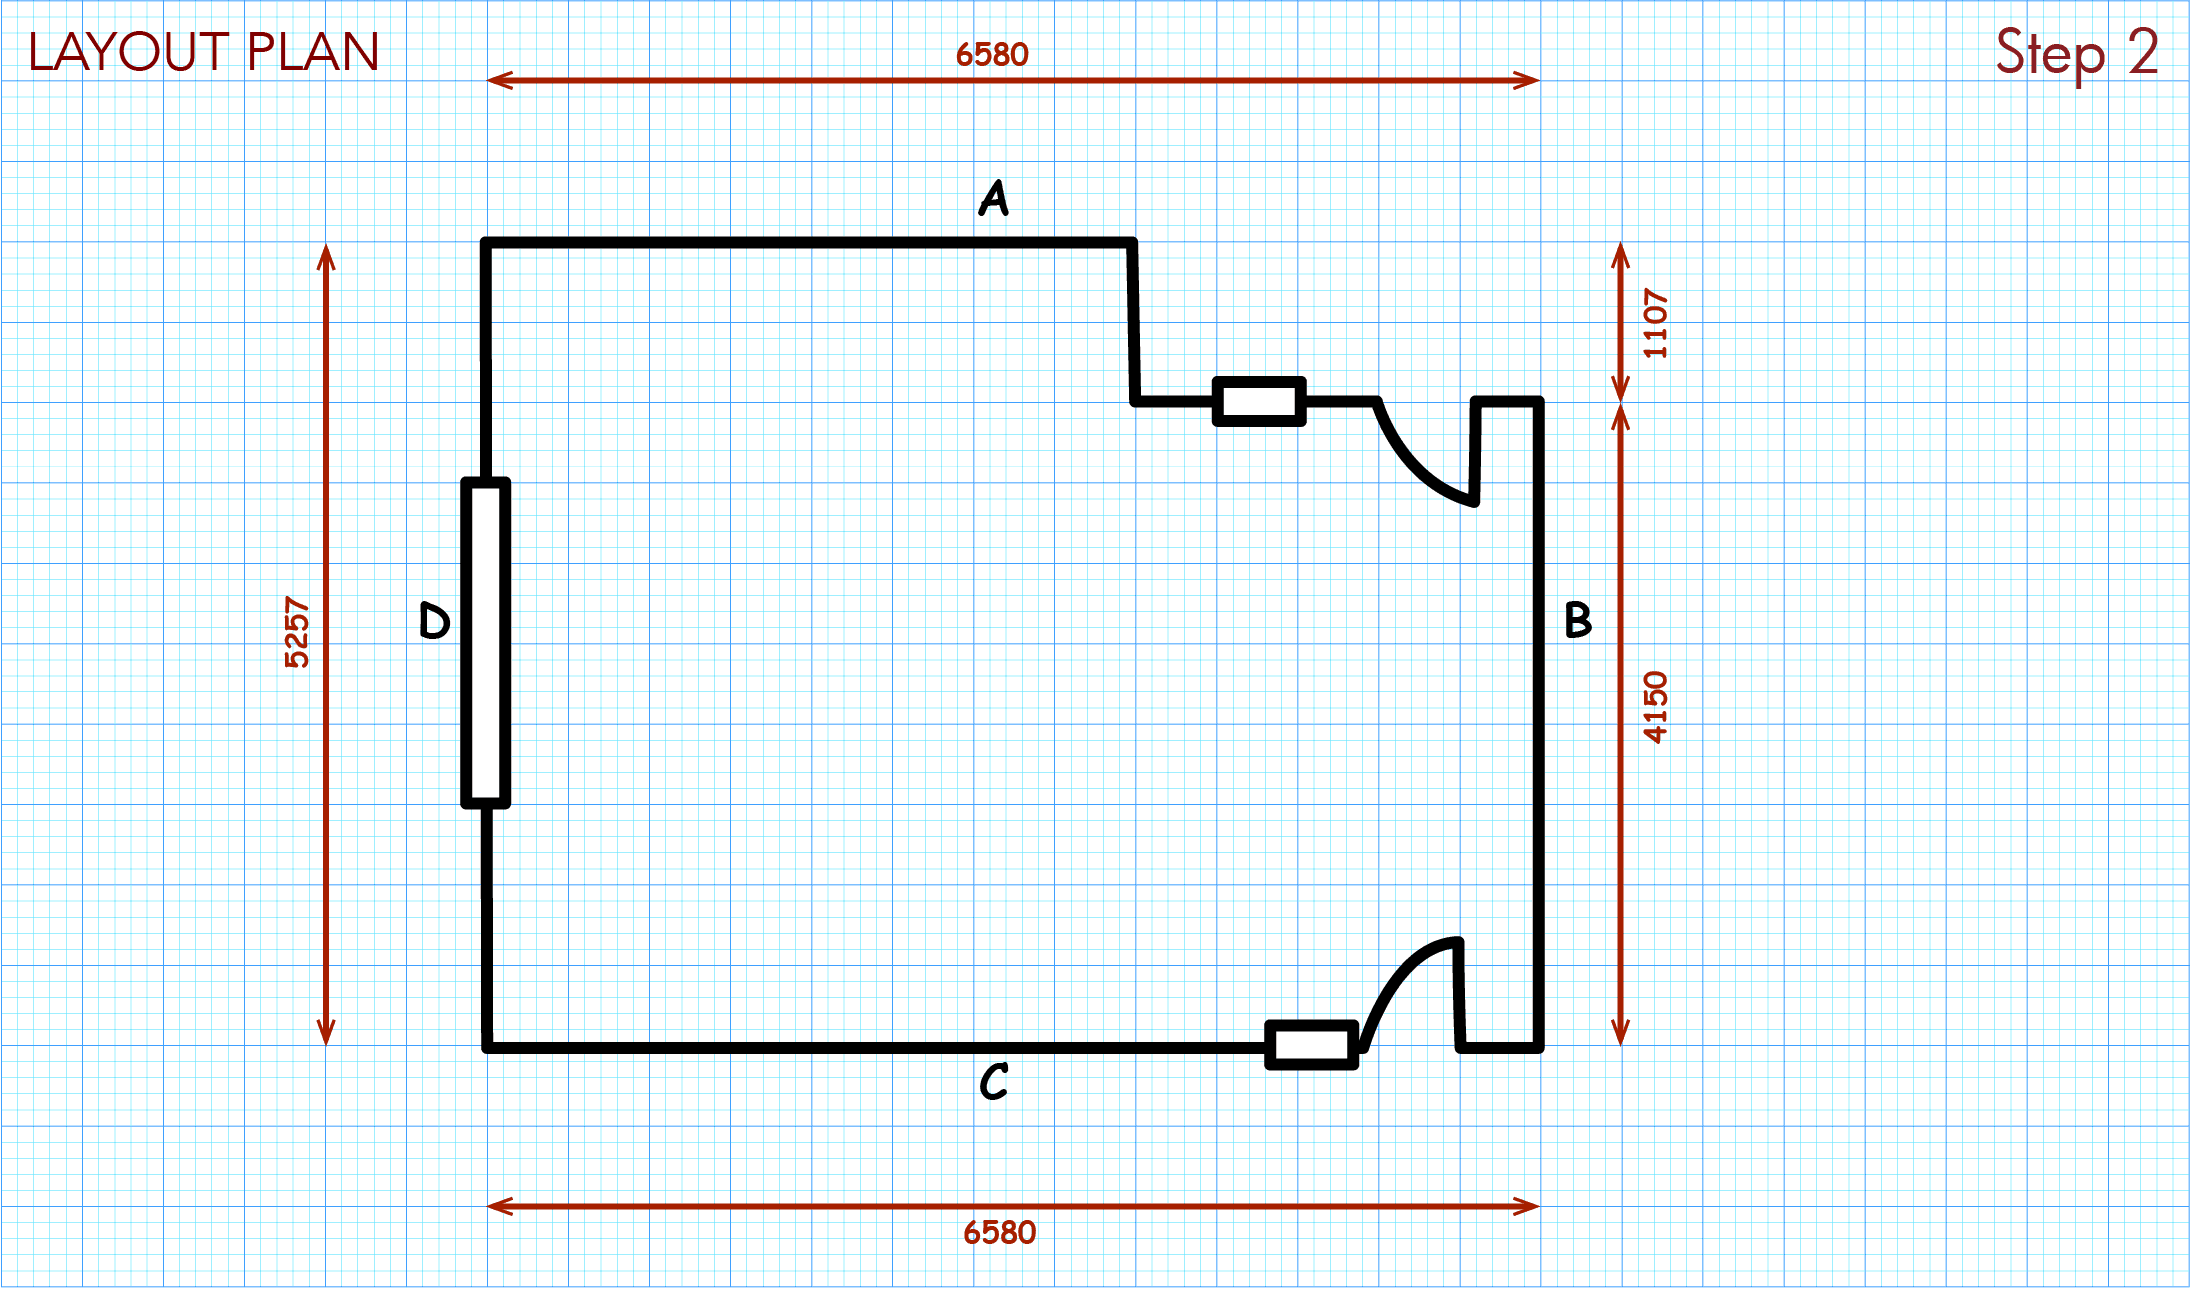 Add room measurements